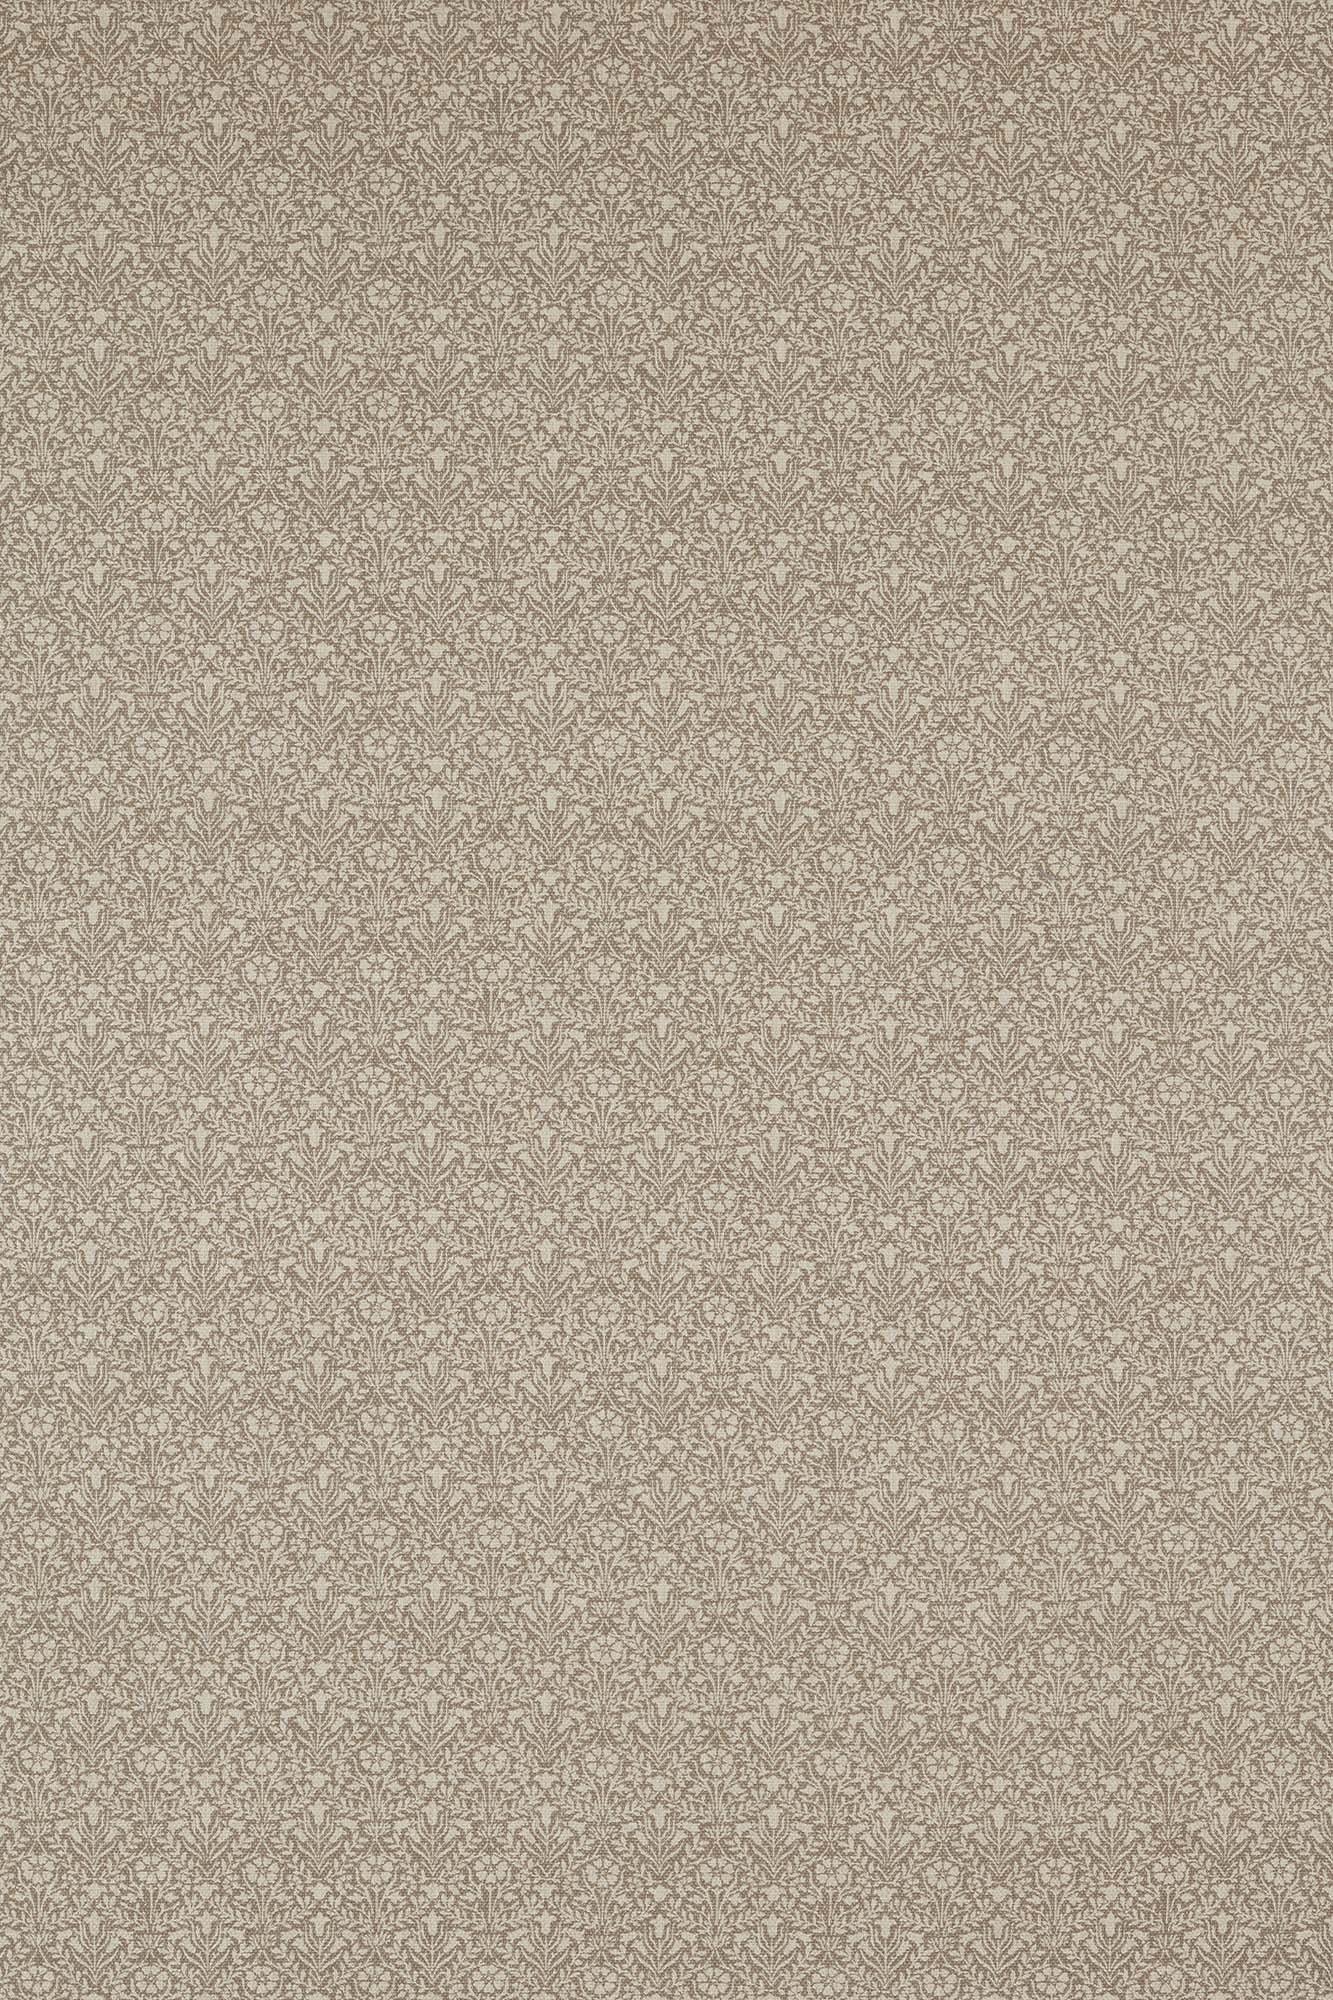 ウィリアムモリス生地 Bellflowers Weave 236526